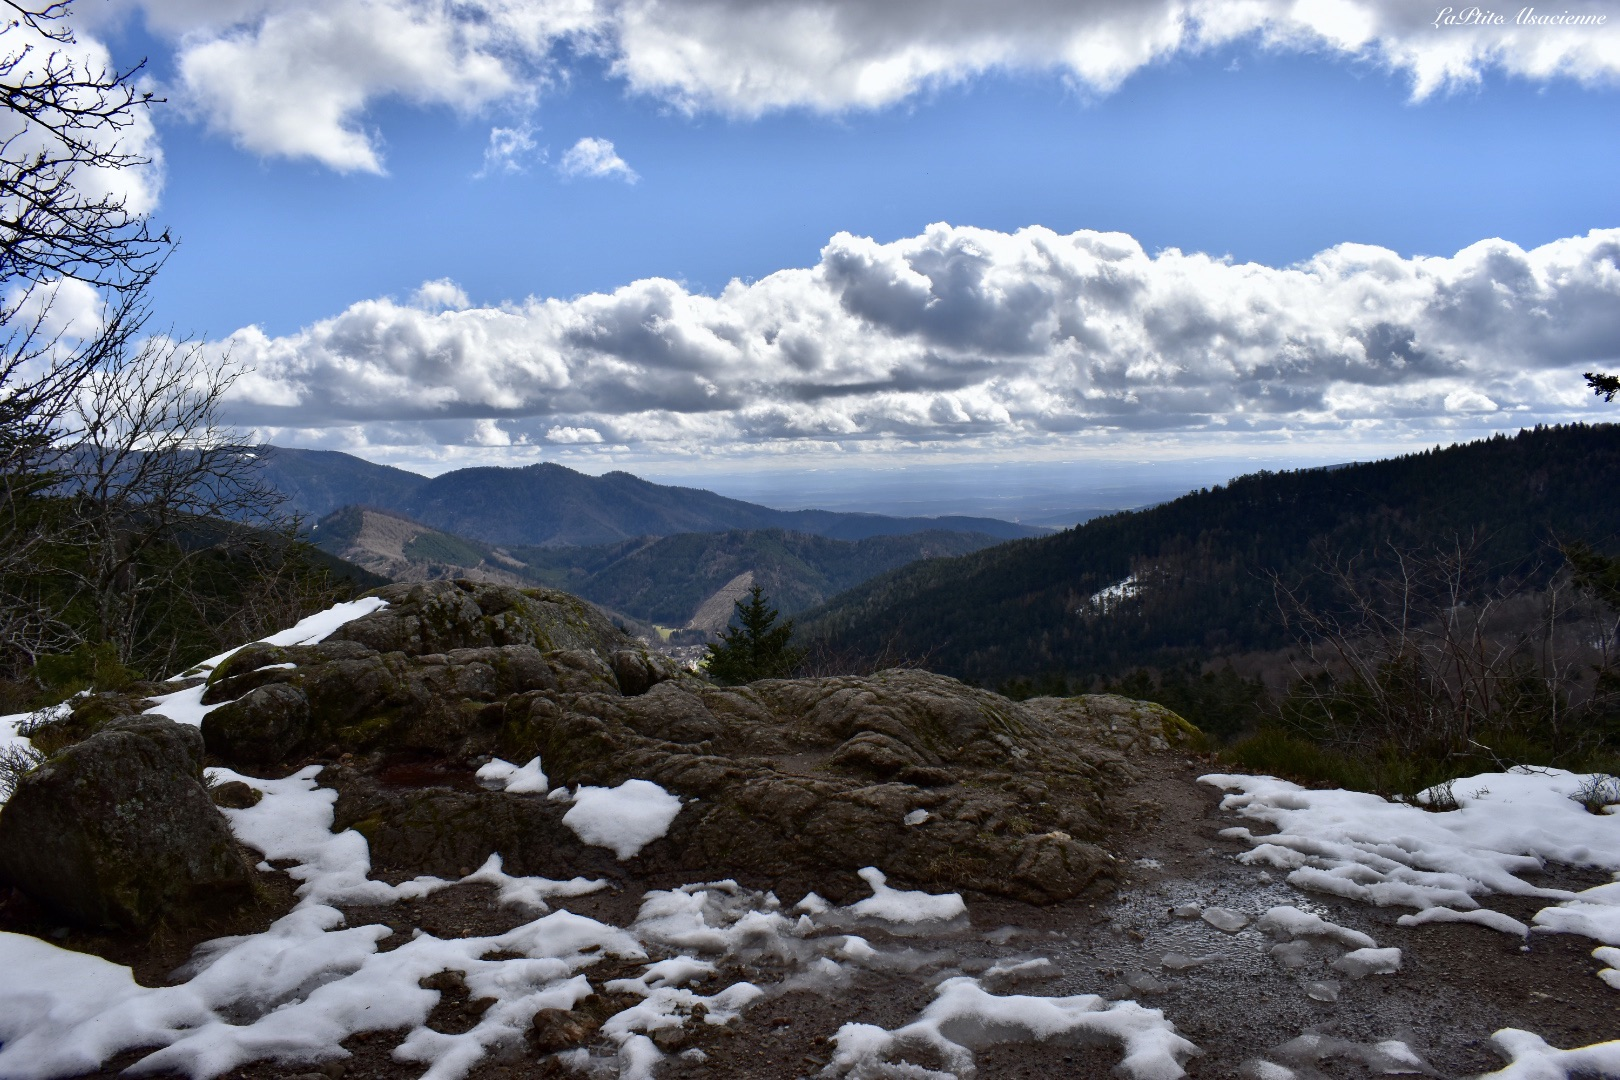 Point de vue depuis un rocher avant le Lac des Perches. Vue sur l'Alsace et les Vosges Alsaciennes